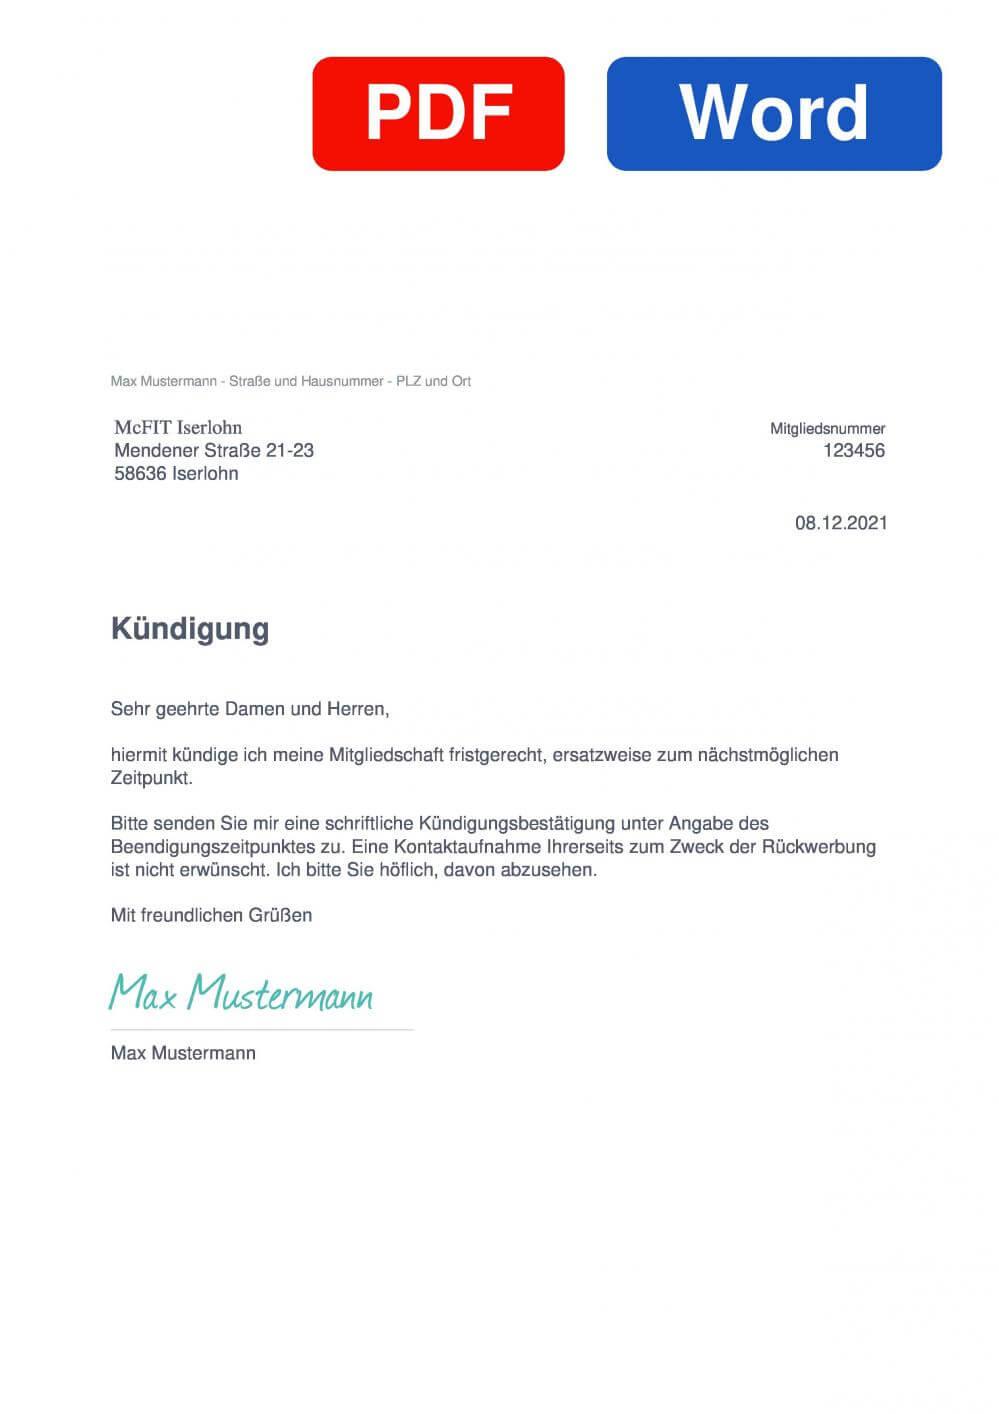 McFIT Iserlohn Muster Vorlage für Kündigungsschreiben